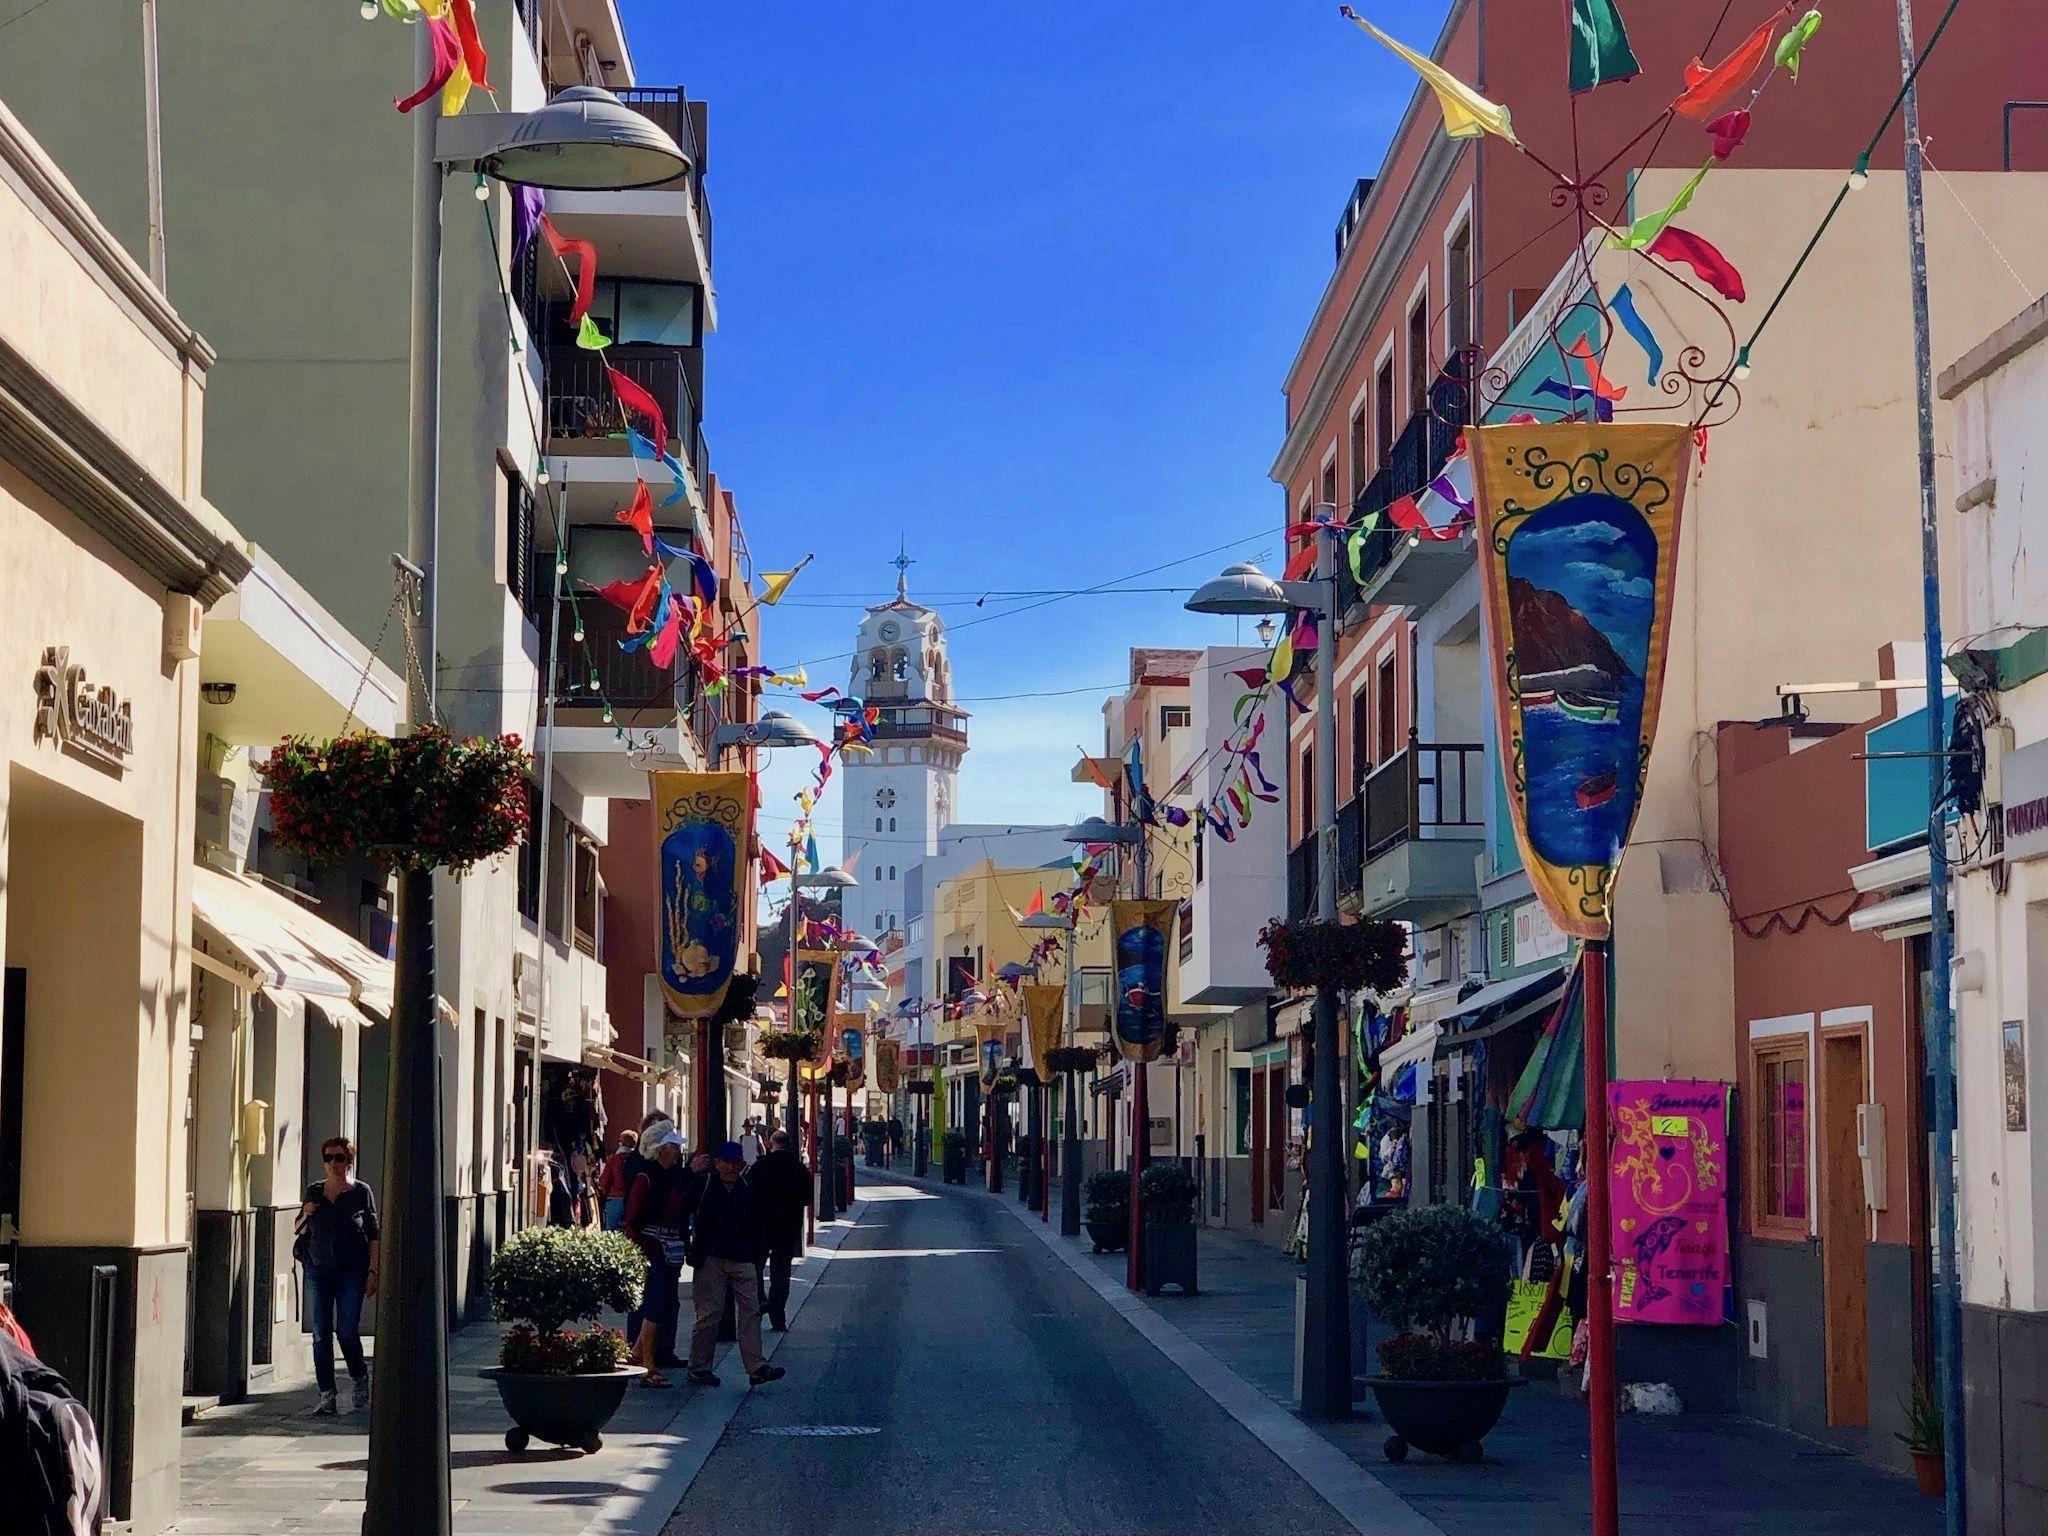 Die Fußgängerzone von Candelaria: die Stadt ist festlich geschmückt. Foto: Sascha Tegtmeyer